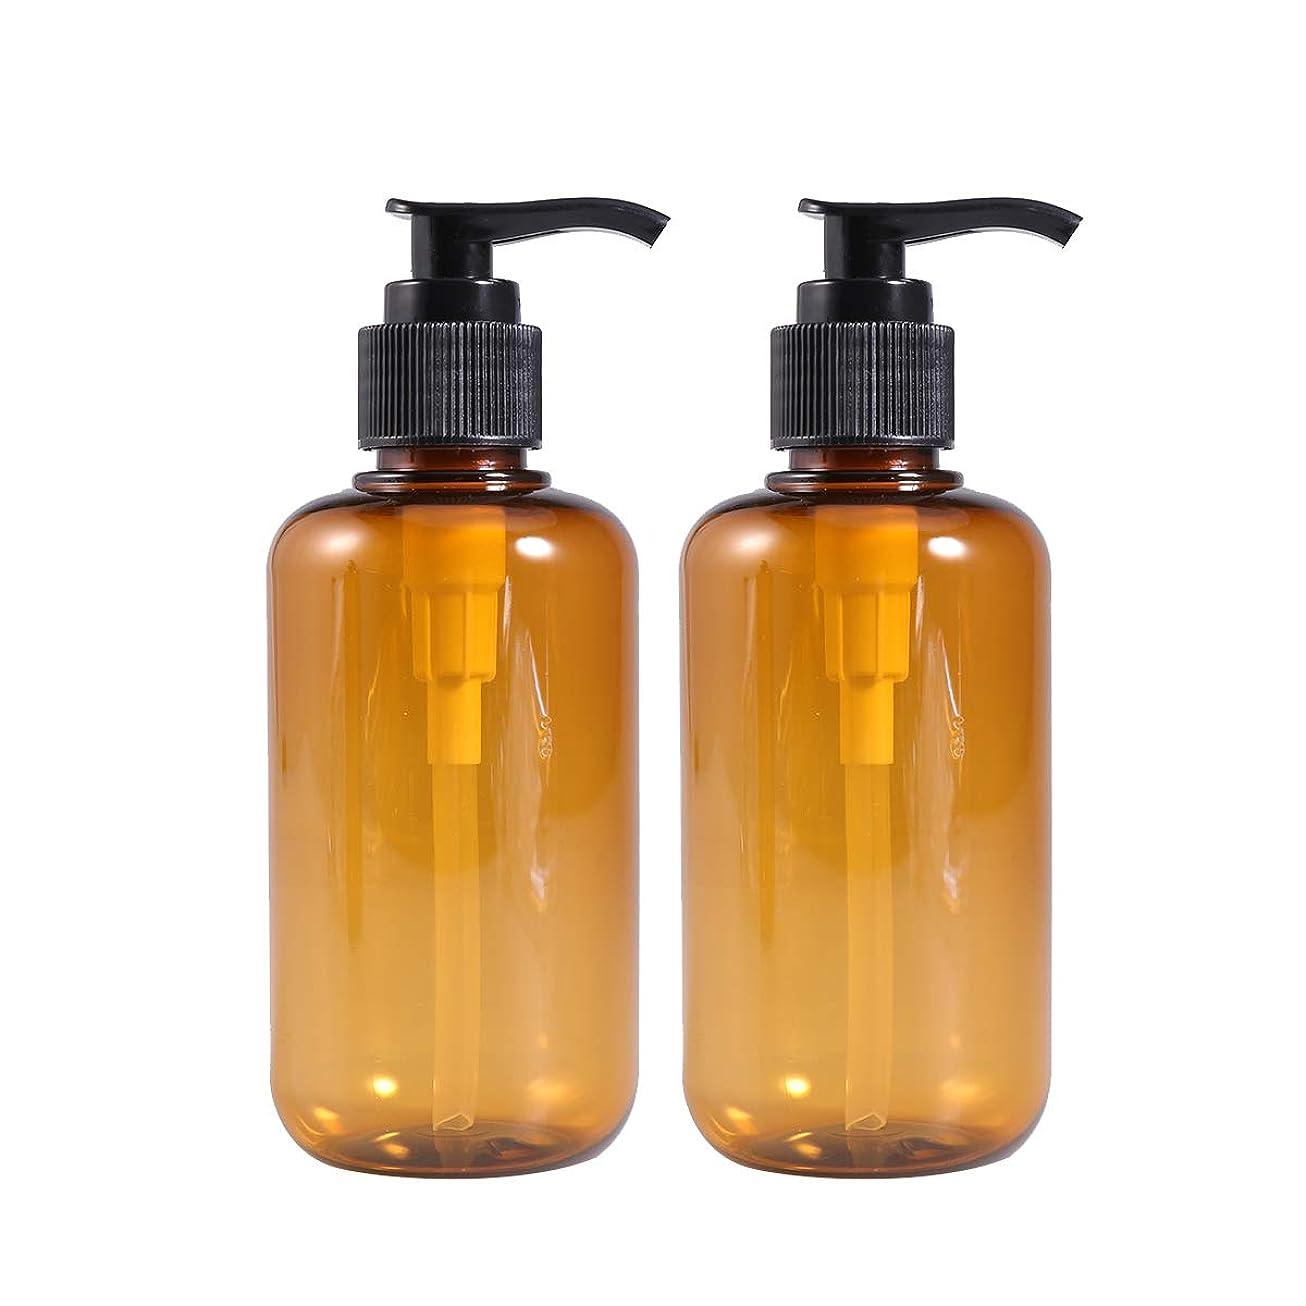 執着ターミナル昼間Frcolor ポンプ瓶 ポンプボトル 200ml 遮光瓶 ドロップポンプ 泡立て 詰め替え シャンプーハンドソープ 茶色 PET製 2本セット